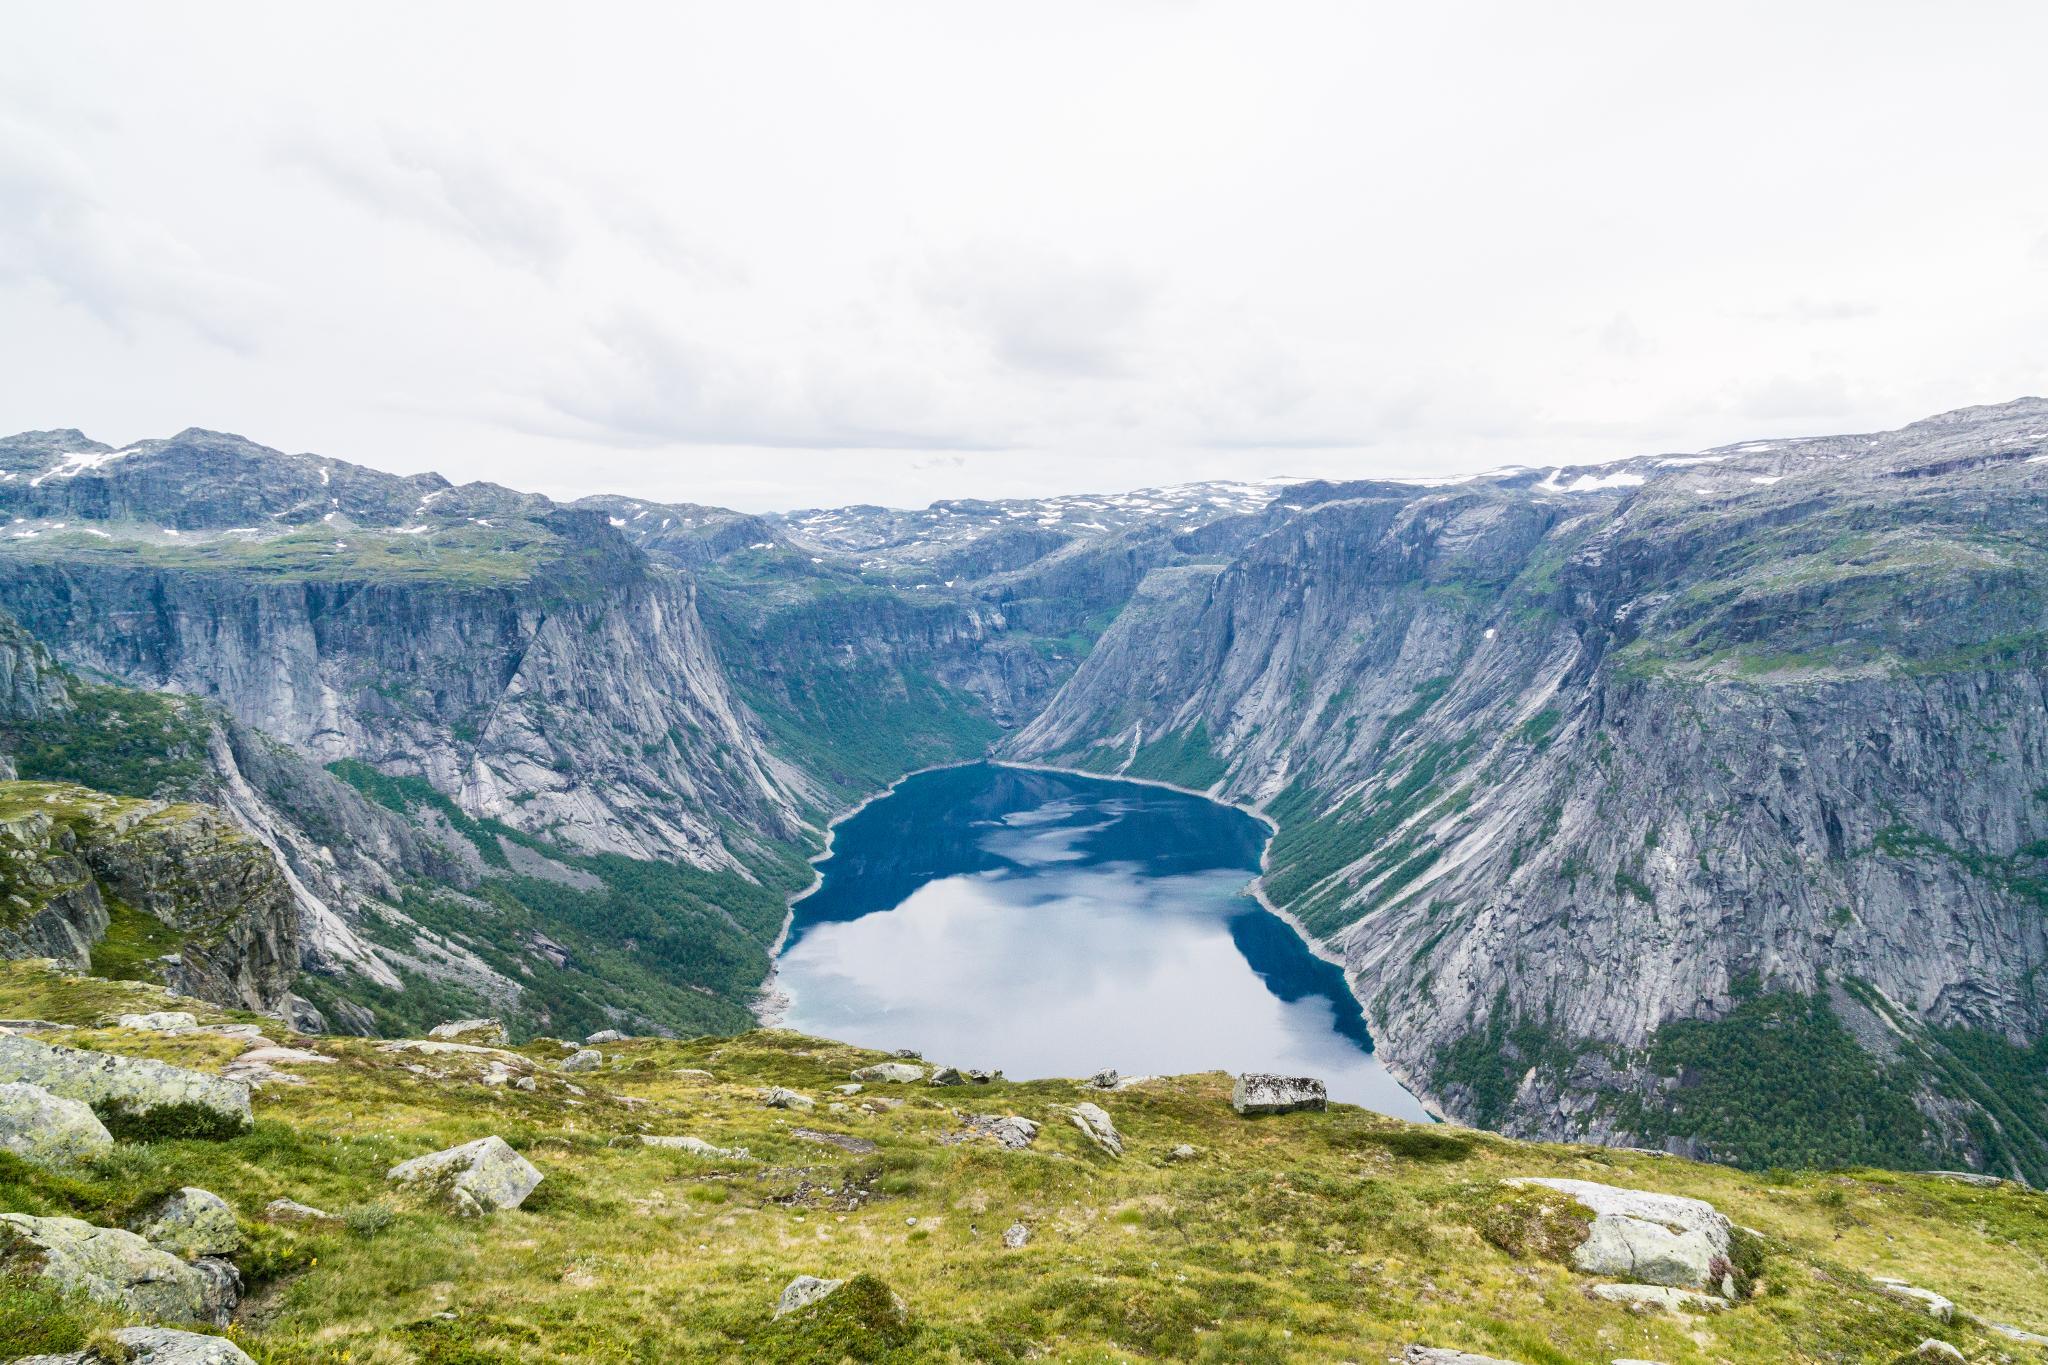 【北歐景點】挪威惡魔之舌 Trolltunga — 28公里健行挑戰全攻略 165